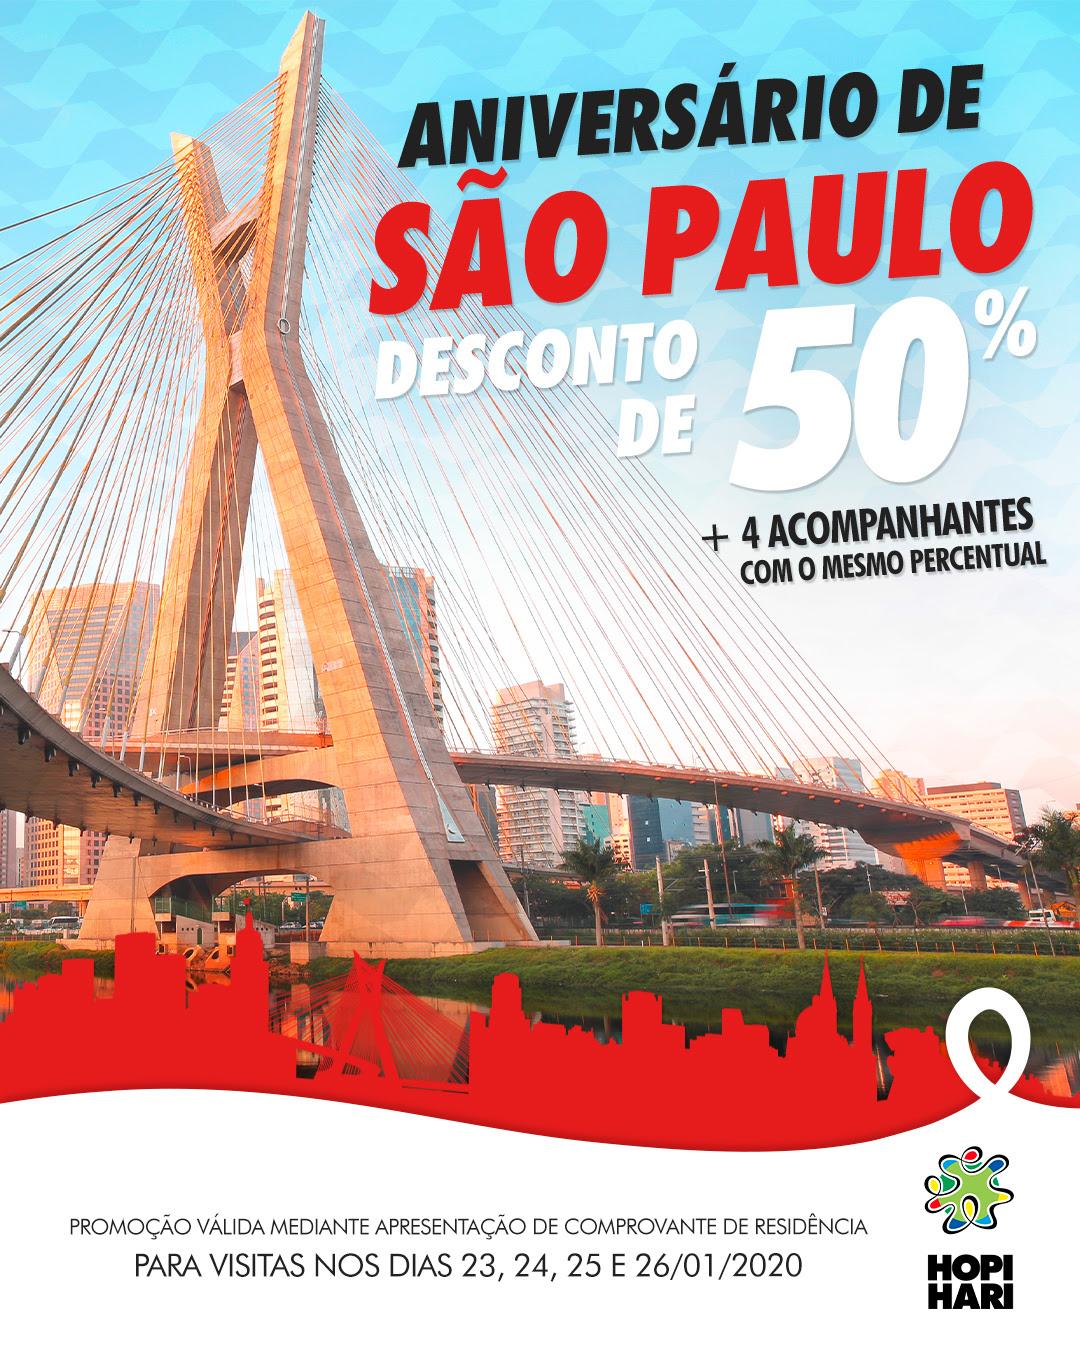 Hopi Hari fará promoção para o aniversário de São Paulo